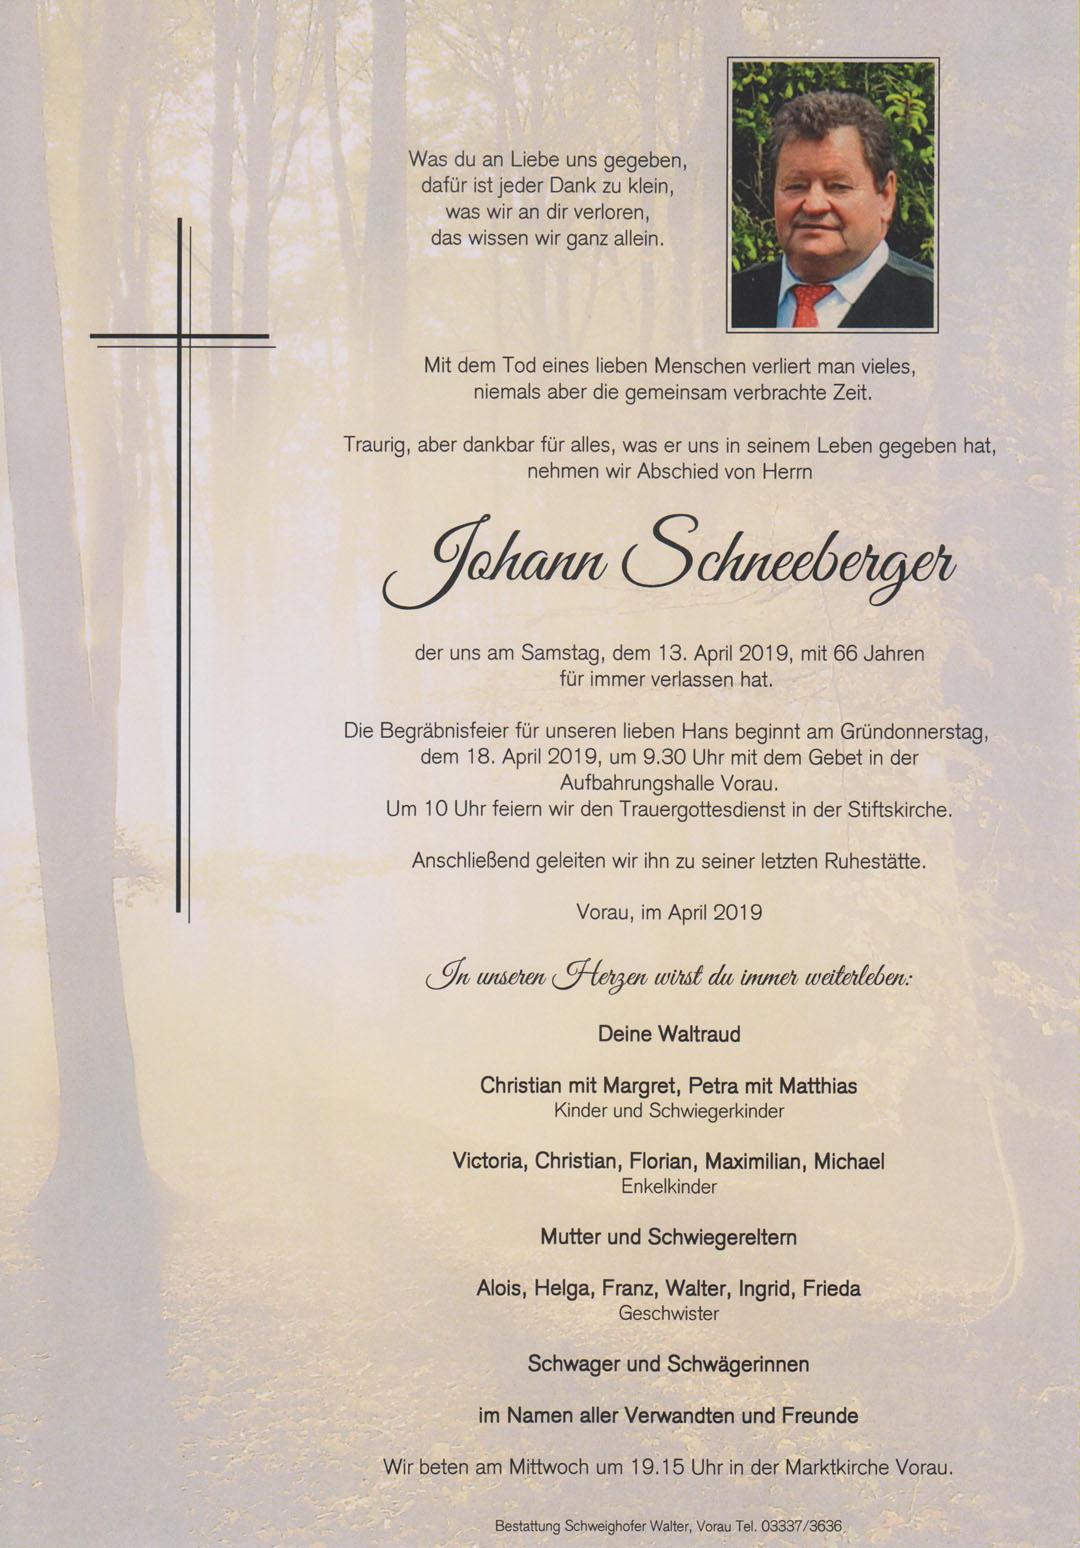 Johann Schneeberger